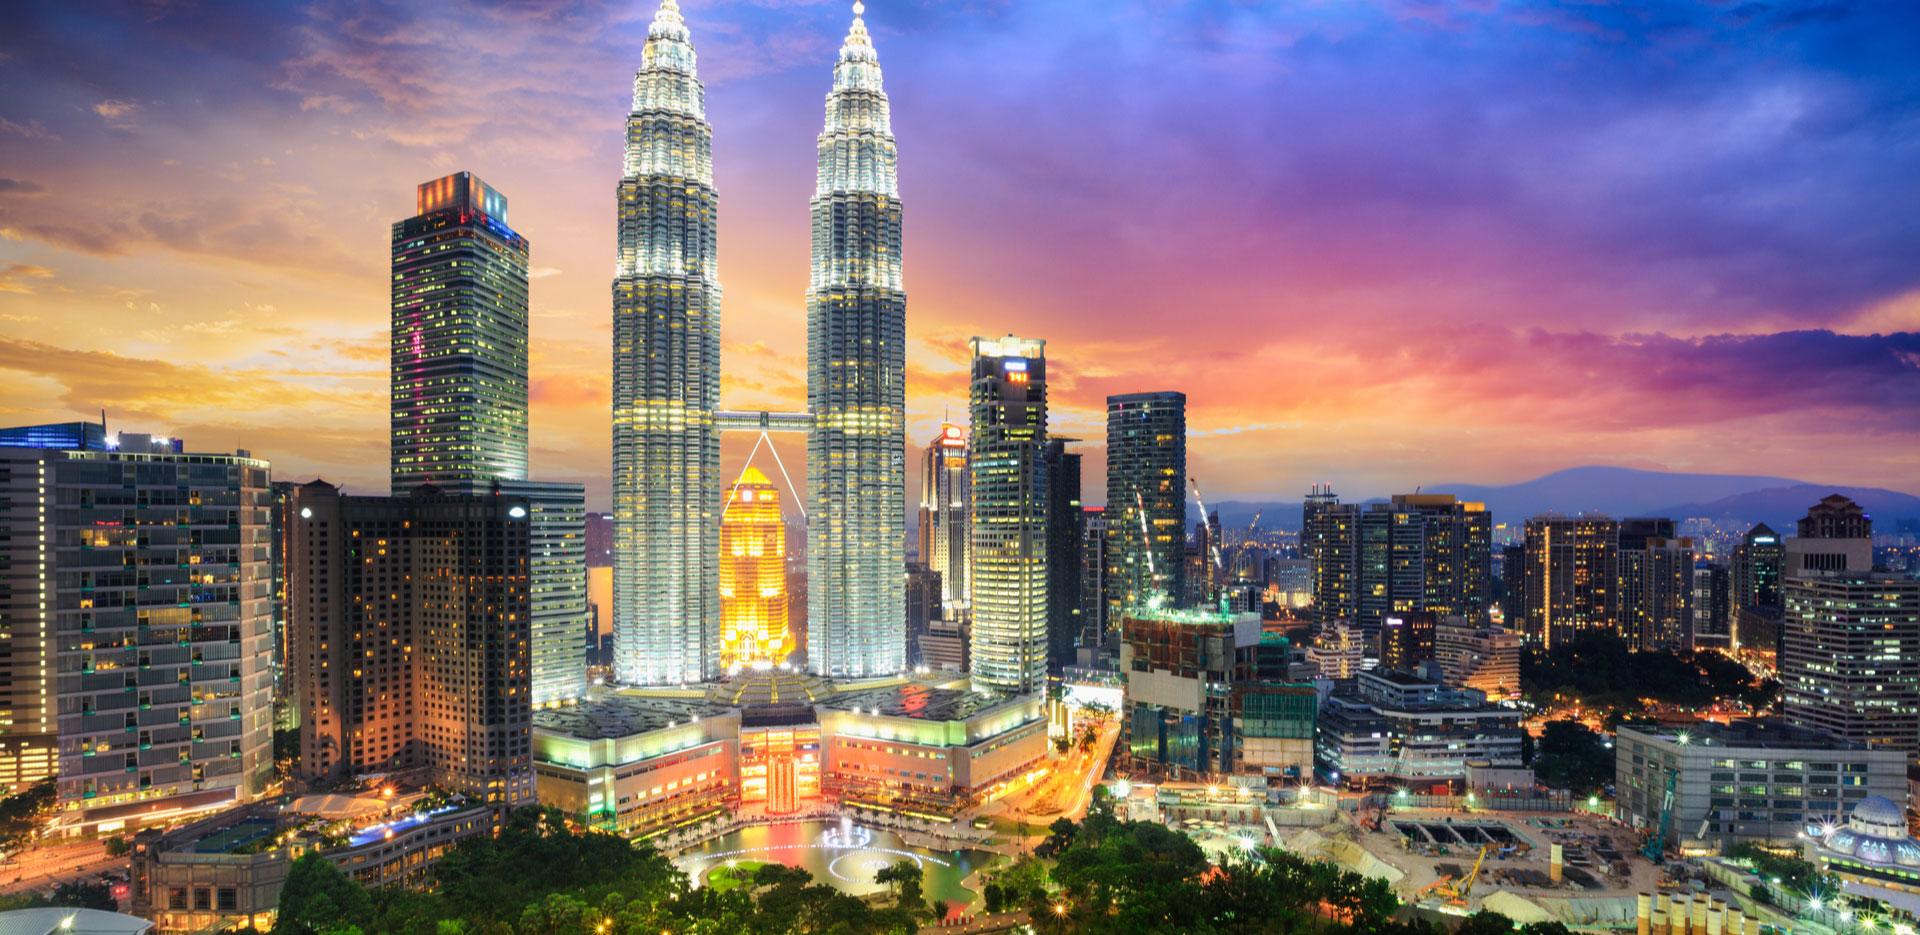 Kuala lumpur Malaysia Tourism